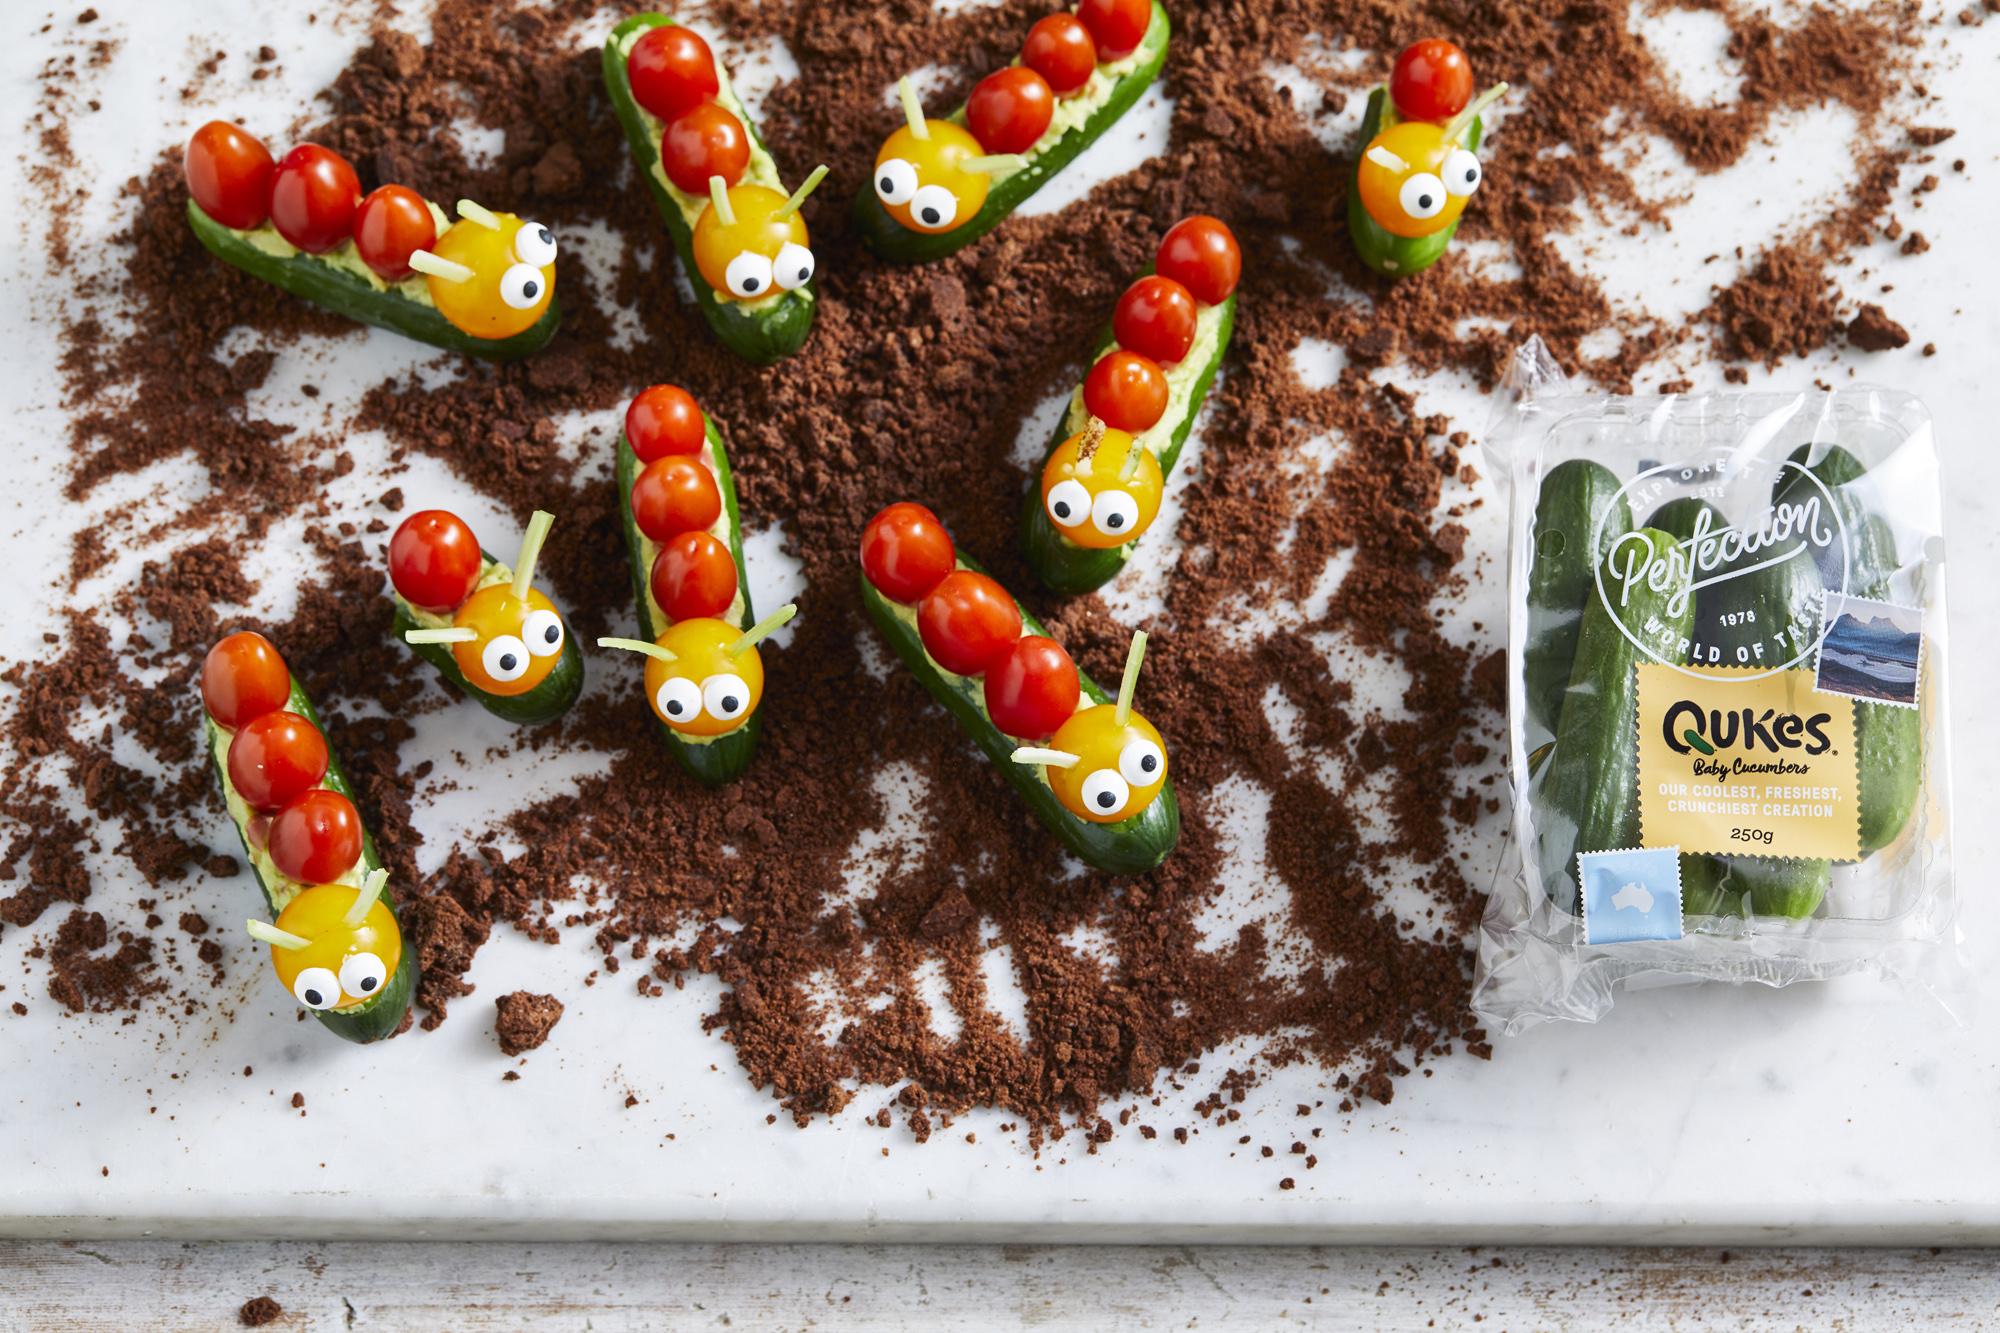 Recipe_LR_Qukes_Solanato_Caterpillars_02_Janelle Bloom_2019